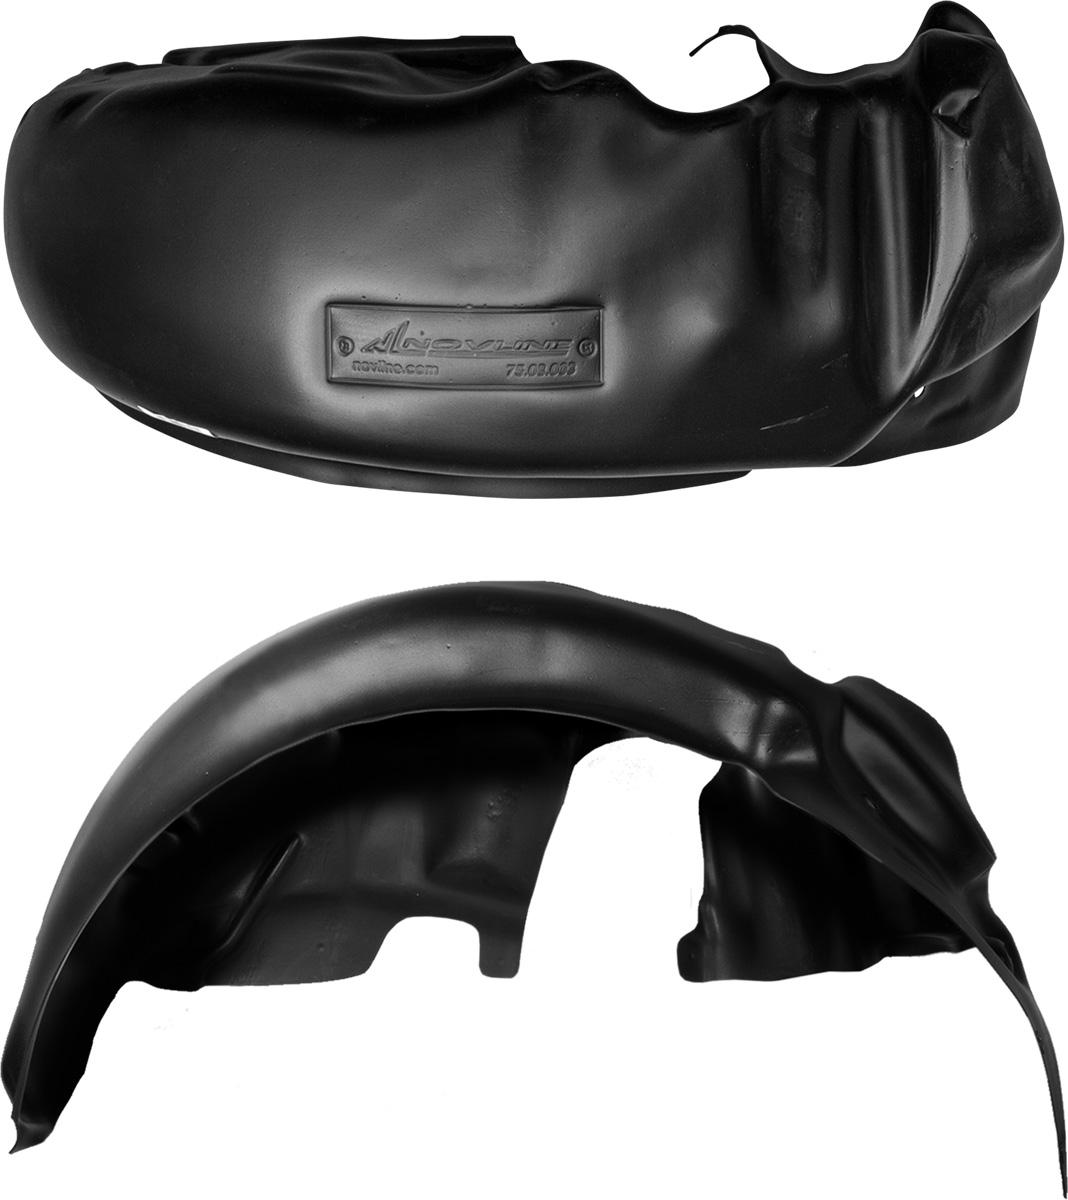 Подкрылок Novline-Autofamily, для Hyundai Solaris, 2014->, седан, передний правыйNLL.20.43.002Колесные ниши - одни из самых уязвимых зон днища вашего автомобиля. Они постоянно подвергаются воздействию со стороны дороги. Лучшая, почти абсолютная защита для них - специально отформованные пластиковые кожухи, которые называются подкрылками. Производятся они как для отечественных моделей автомобилей, так и для иномарок. Подкрылки Novline-Autofamily выполнены из высококачественного, экологически чистого пластика. Обеспечивают надежную защиту кузова автомобиля от пескоструйного эффекта и негативного влияния, агрессивных антигололедных реагентов. Пластик обладает более низкой теплопроводностью, чем металл, поэтому в зимний период эксплуатации использование пластиковых подкрылков позволяет лучше защитить колесные ниши от налипания снега и образования наледи. Оригинальность конструкции подчеркивает элегантность автомобиля, бережно защищает нанесенное на днище кузова антикоррозийное покрытие и позволяет осуществить крепление подкрылков внутри колесной арки практически без...